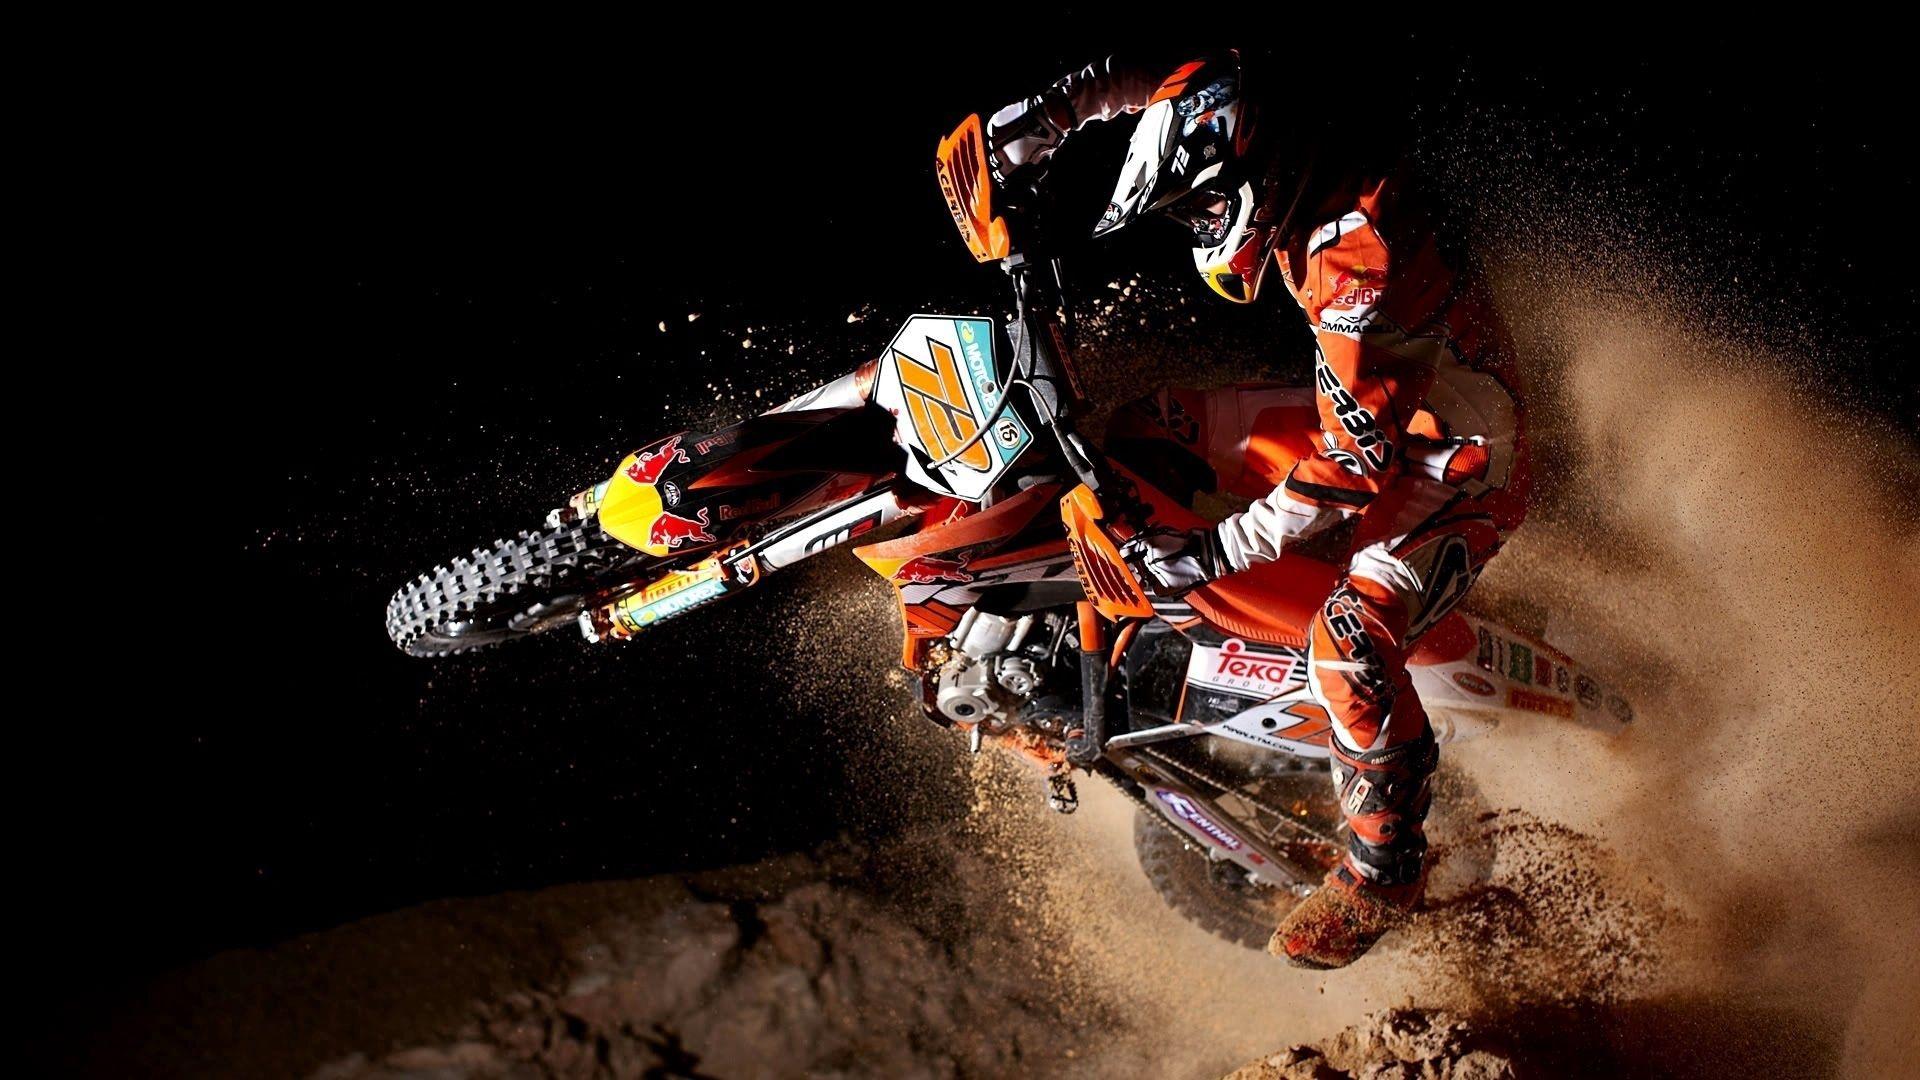 54580 скачать обои Мотоциклы, X-Fighters, X-Games, Мотоцикл - заставки и картинки бесплатно